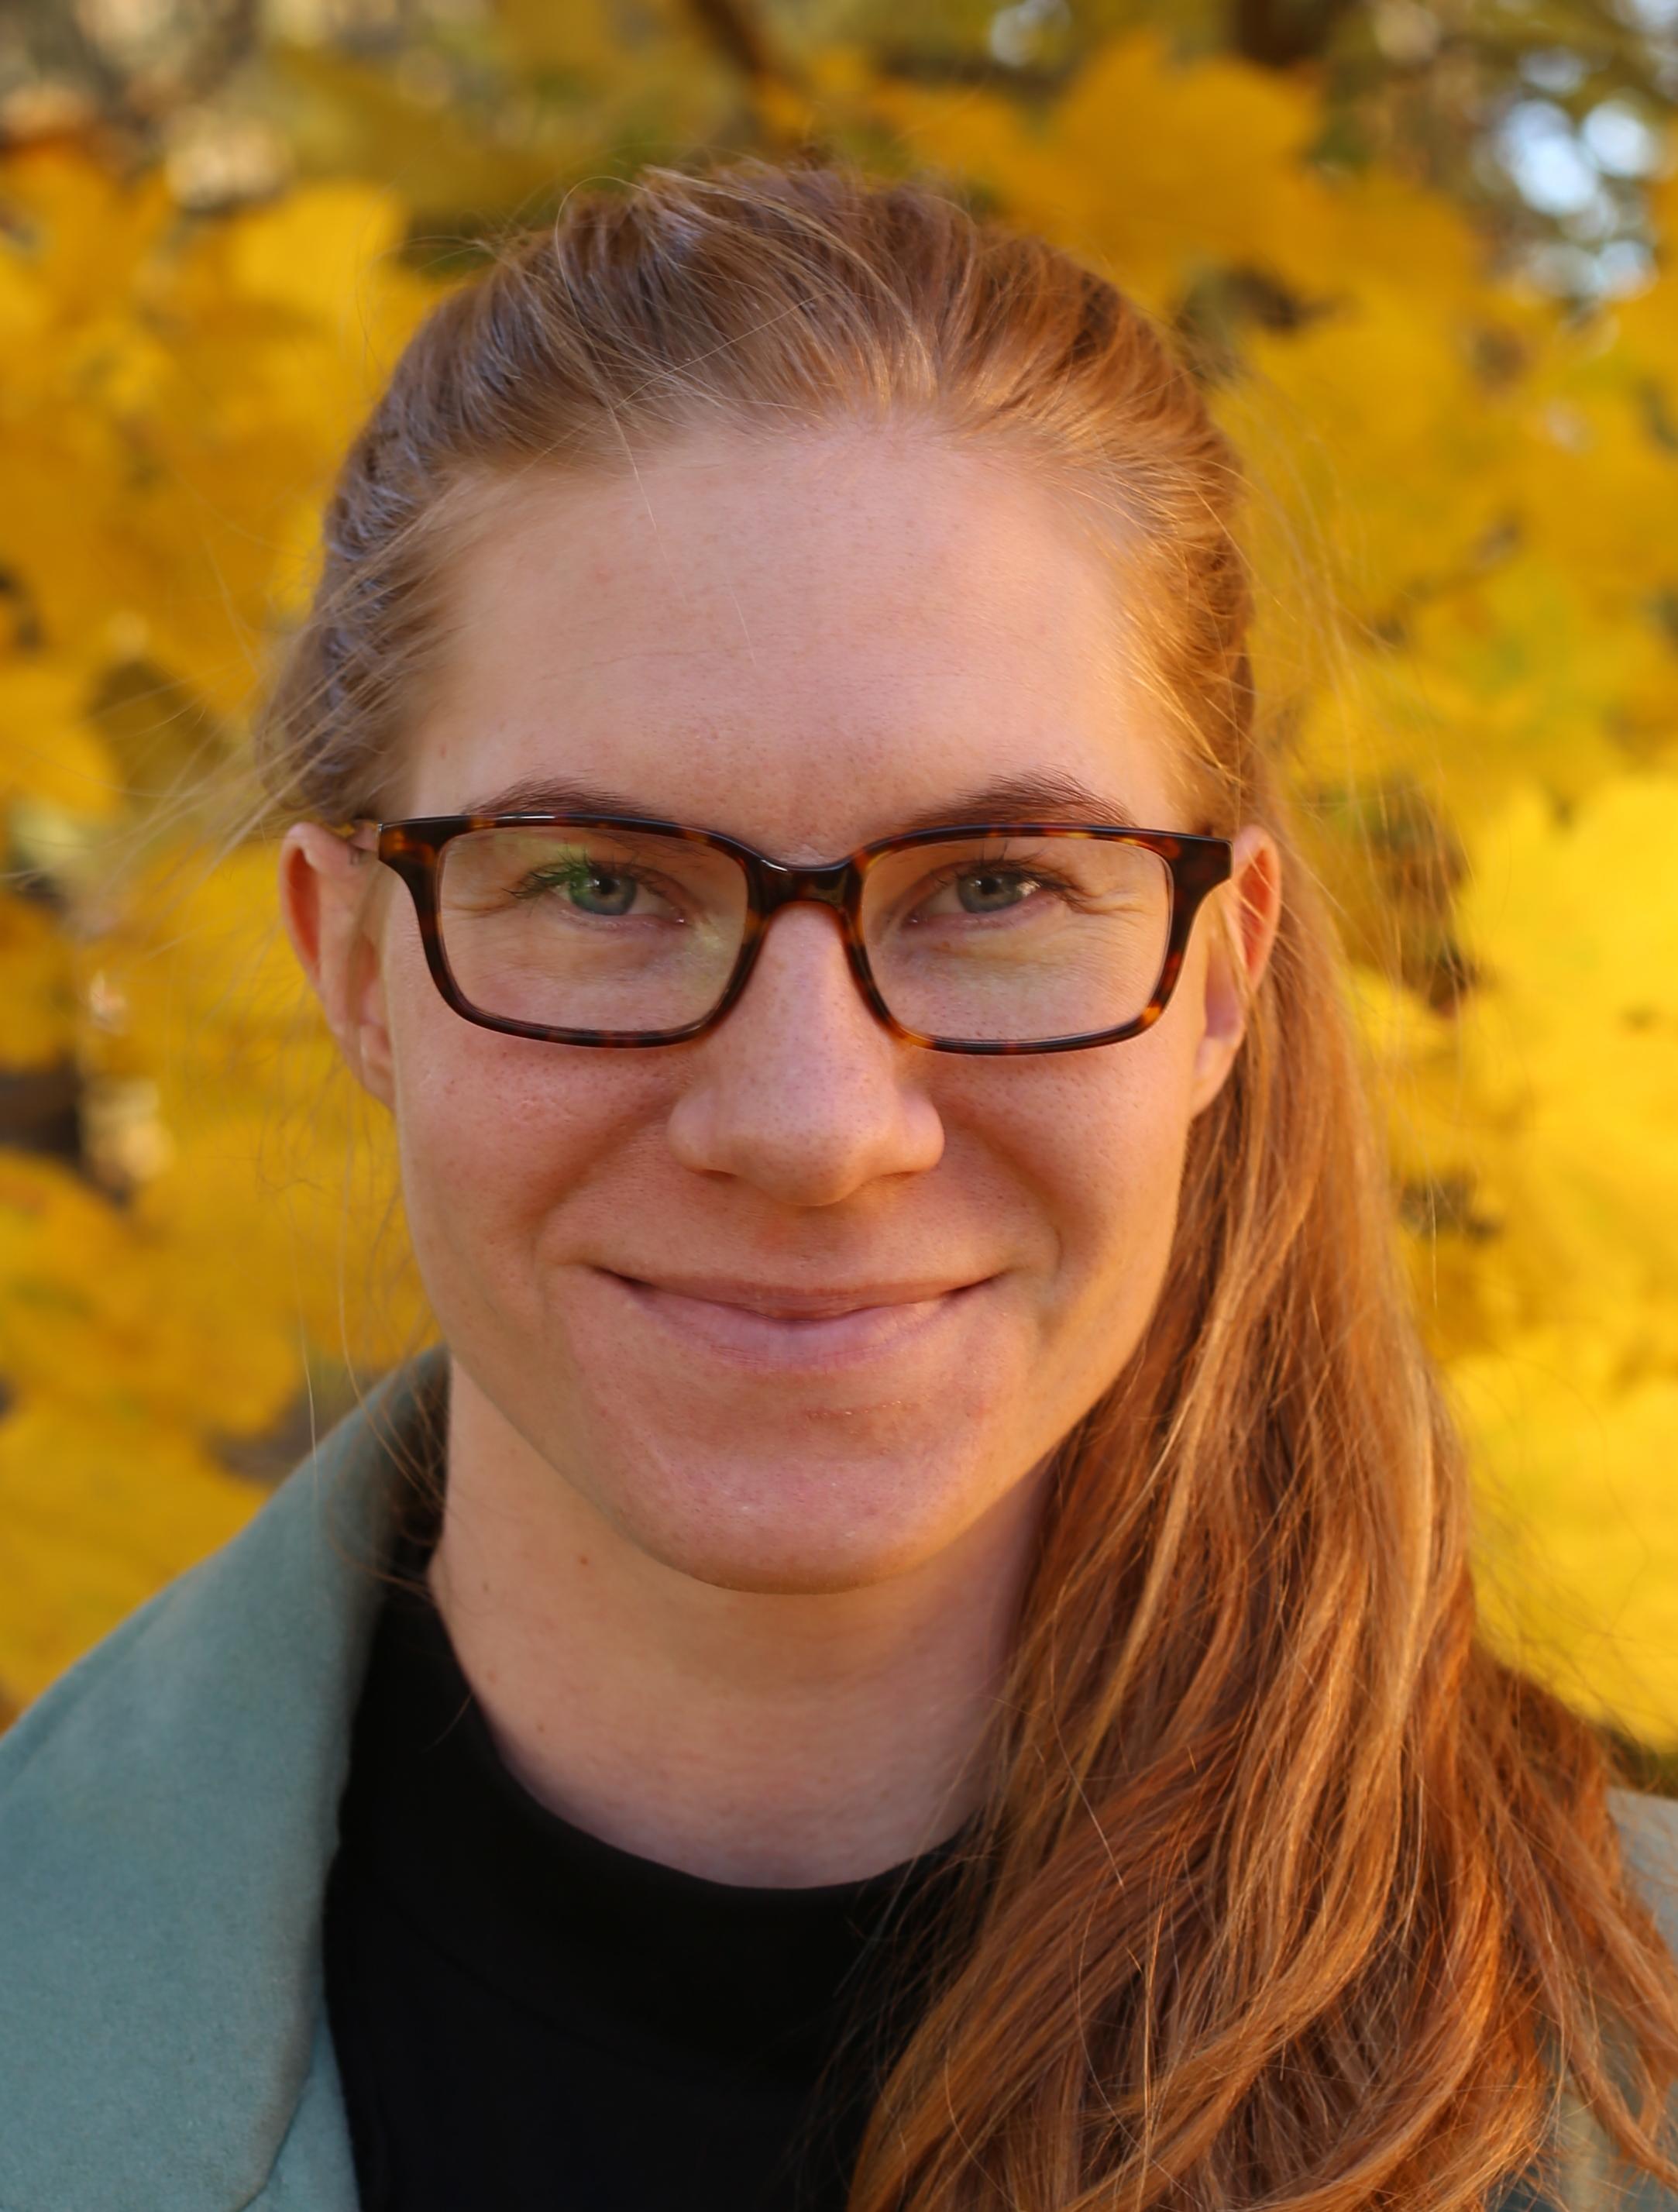 Lise Marie Sundsbø. Photo: Jan D. Sørensen